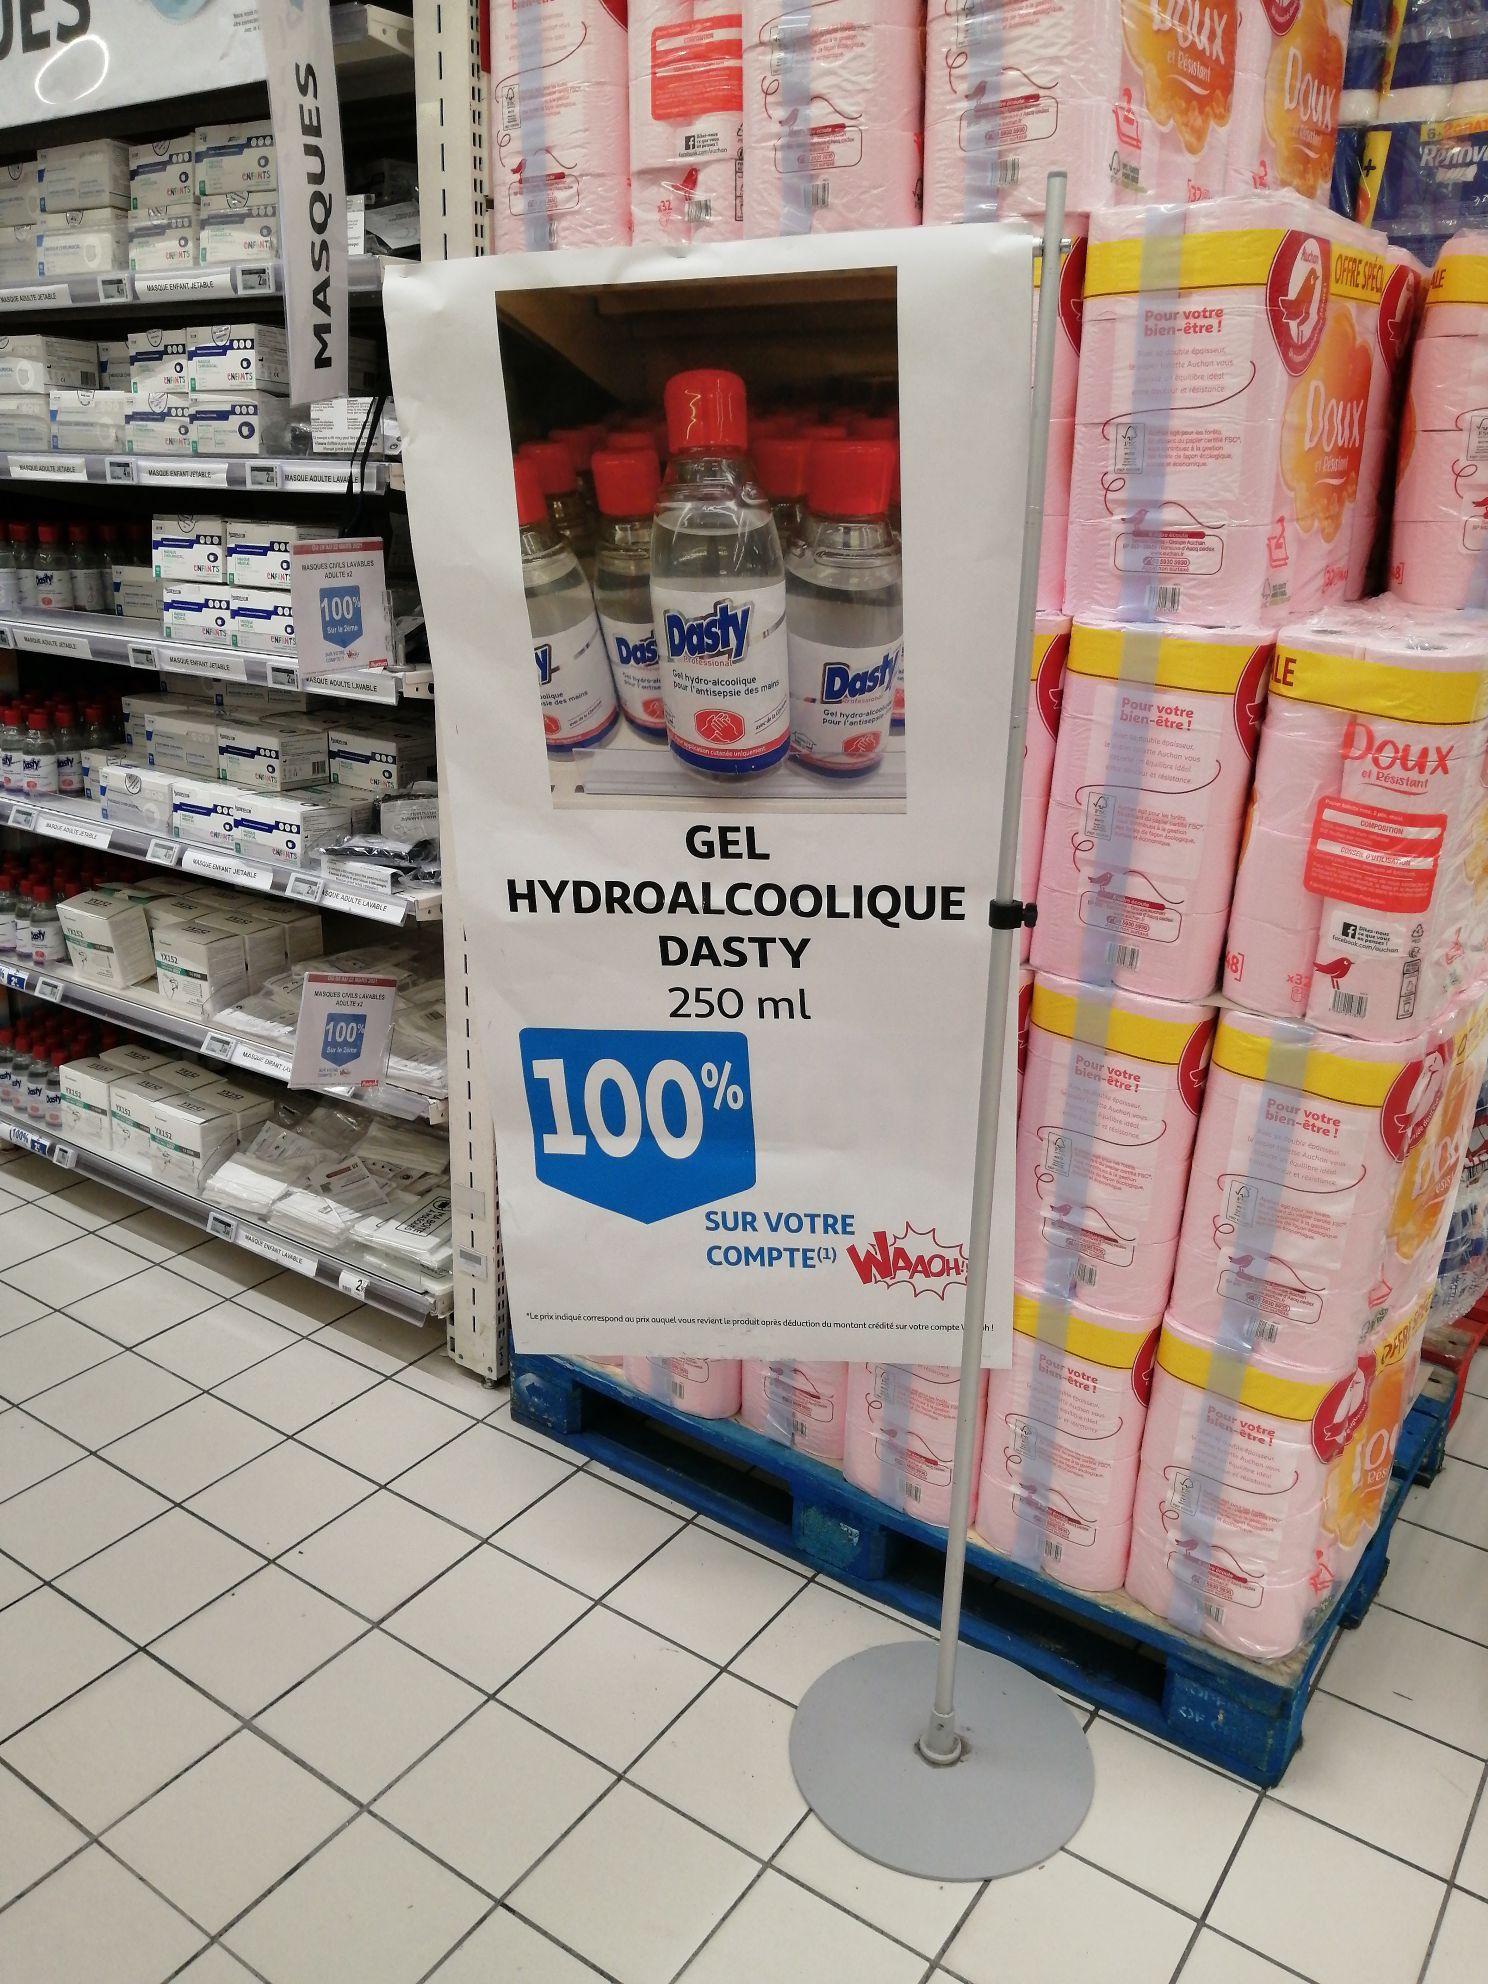 Gel Hydroalcoolique Dasty - 250ml 100% remboursé (Via 2.90€ sur Carte Fidélité) - Biganos (33)